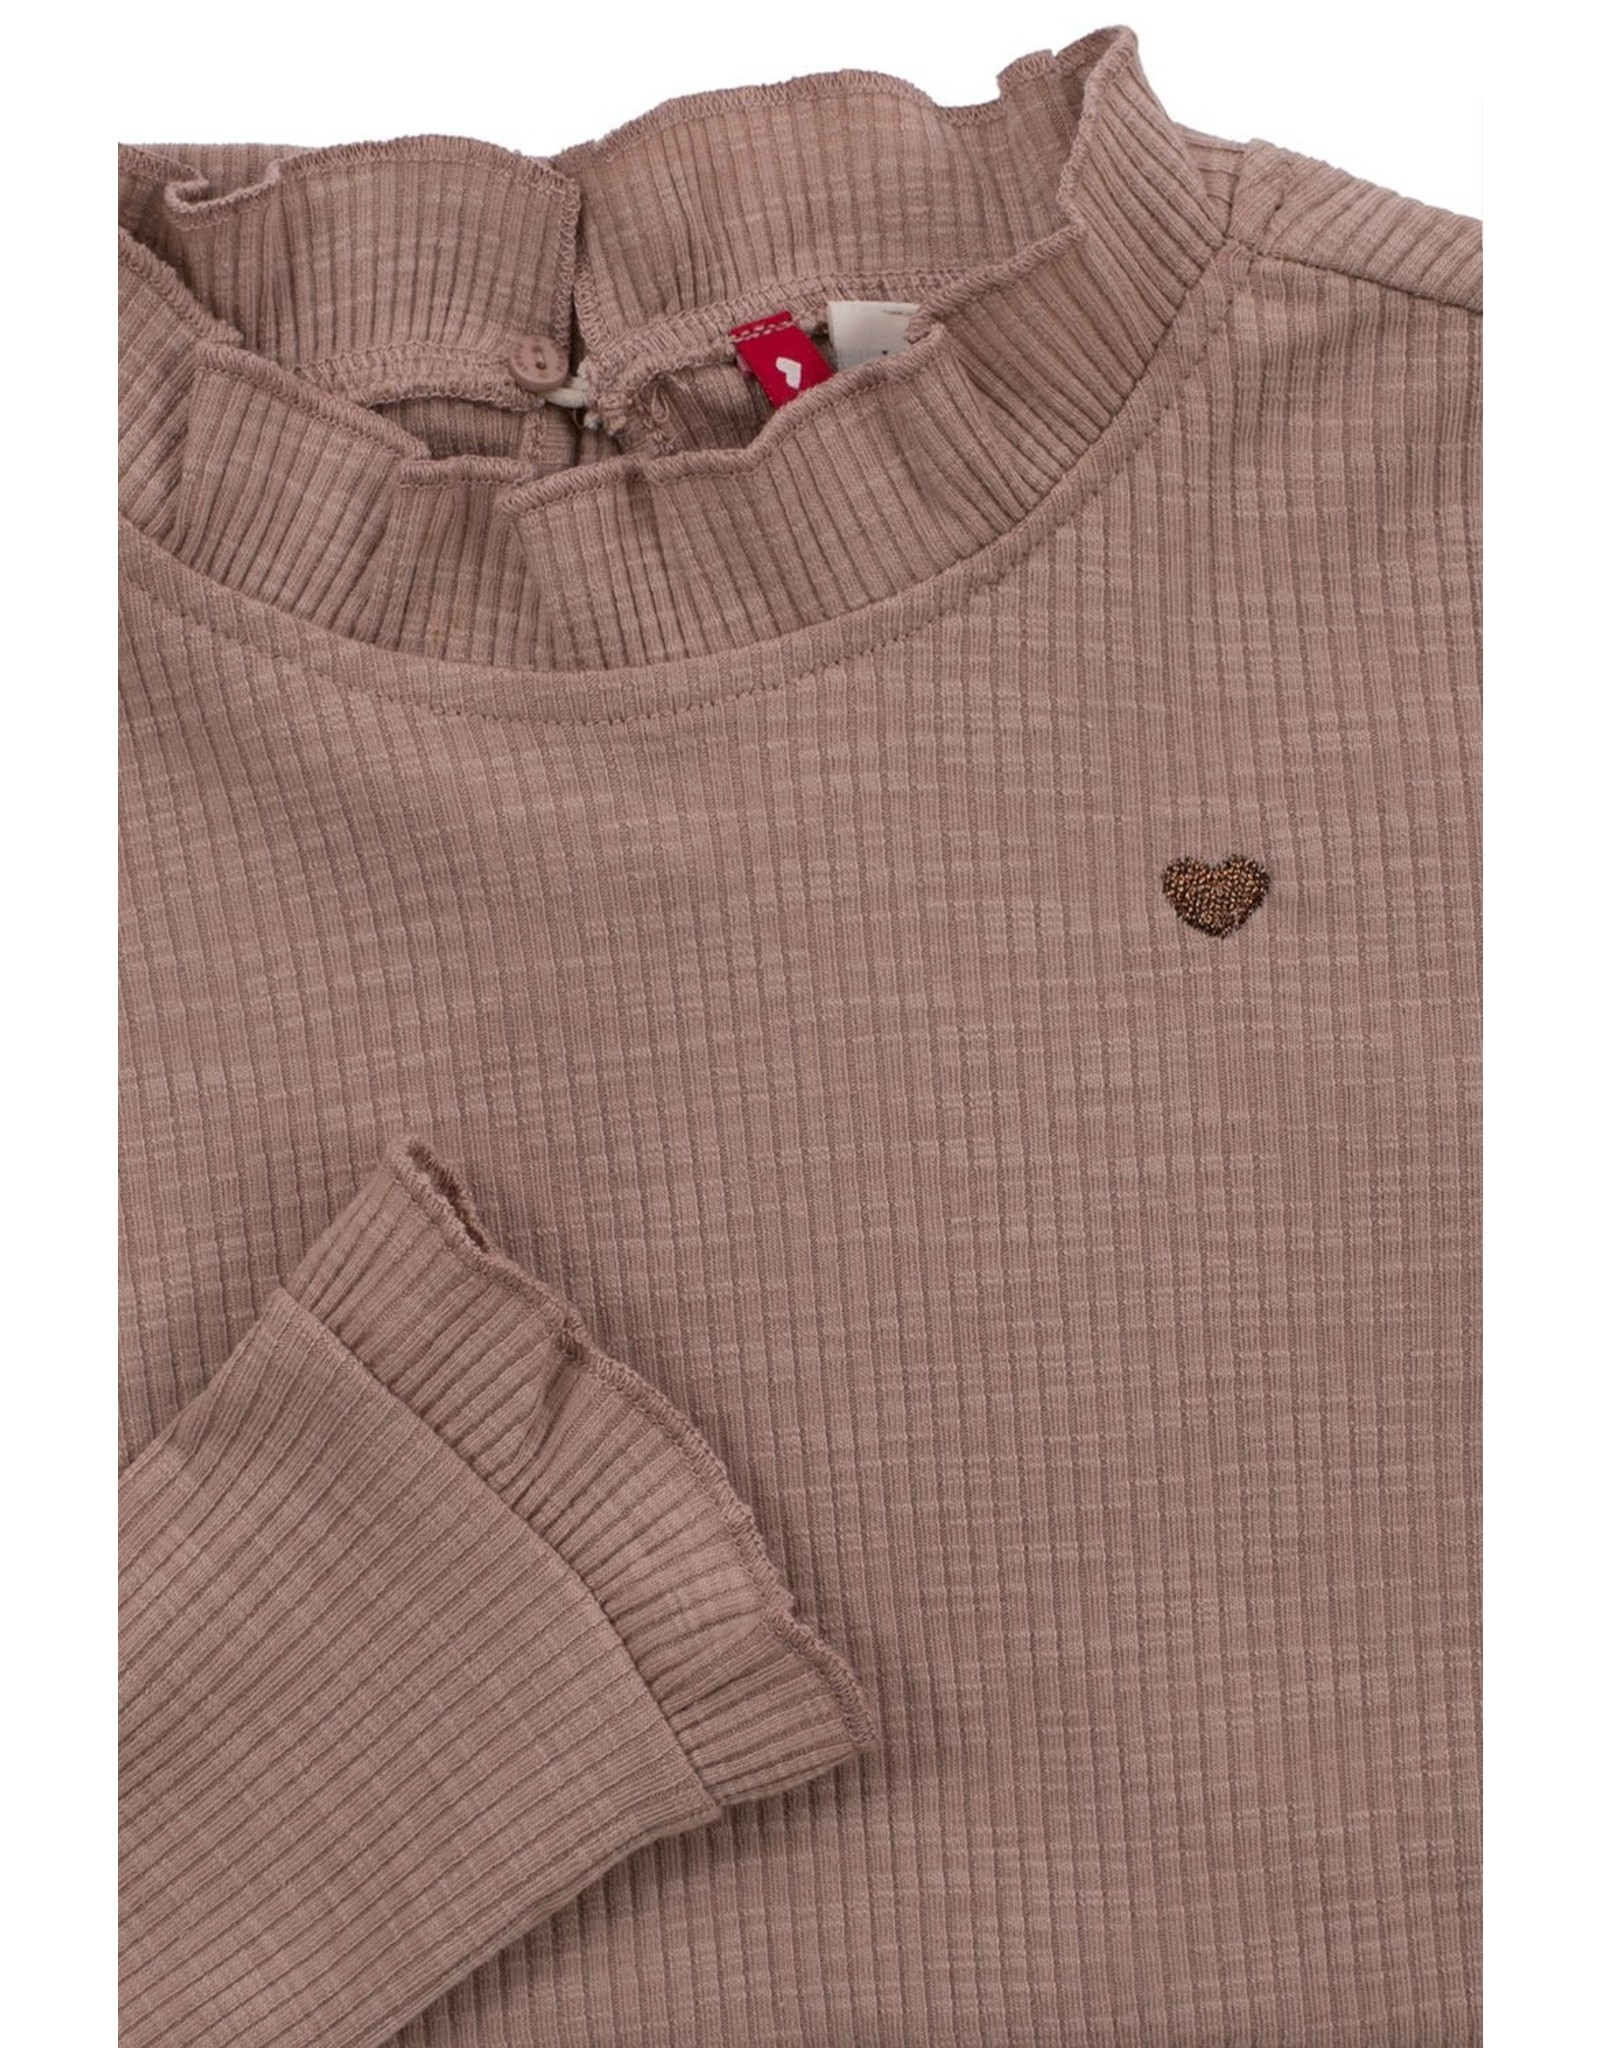 Looxs Little Little t-shirt ca